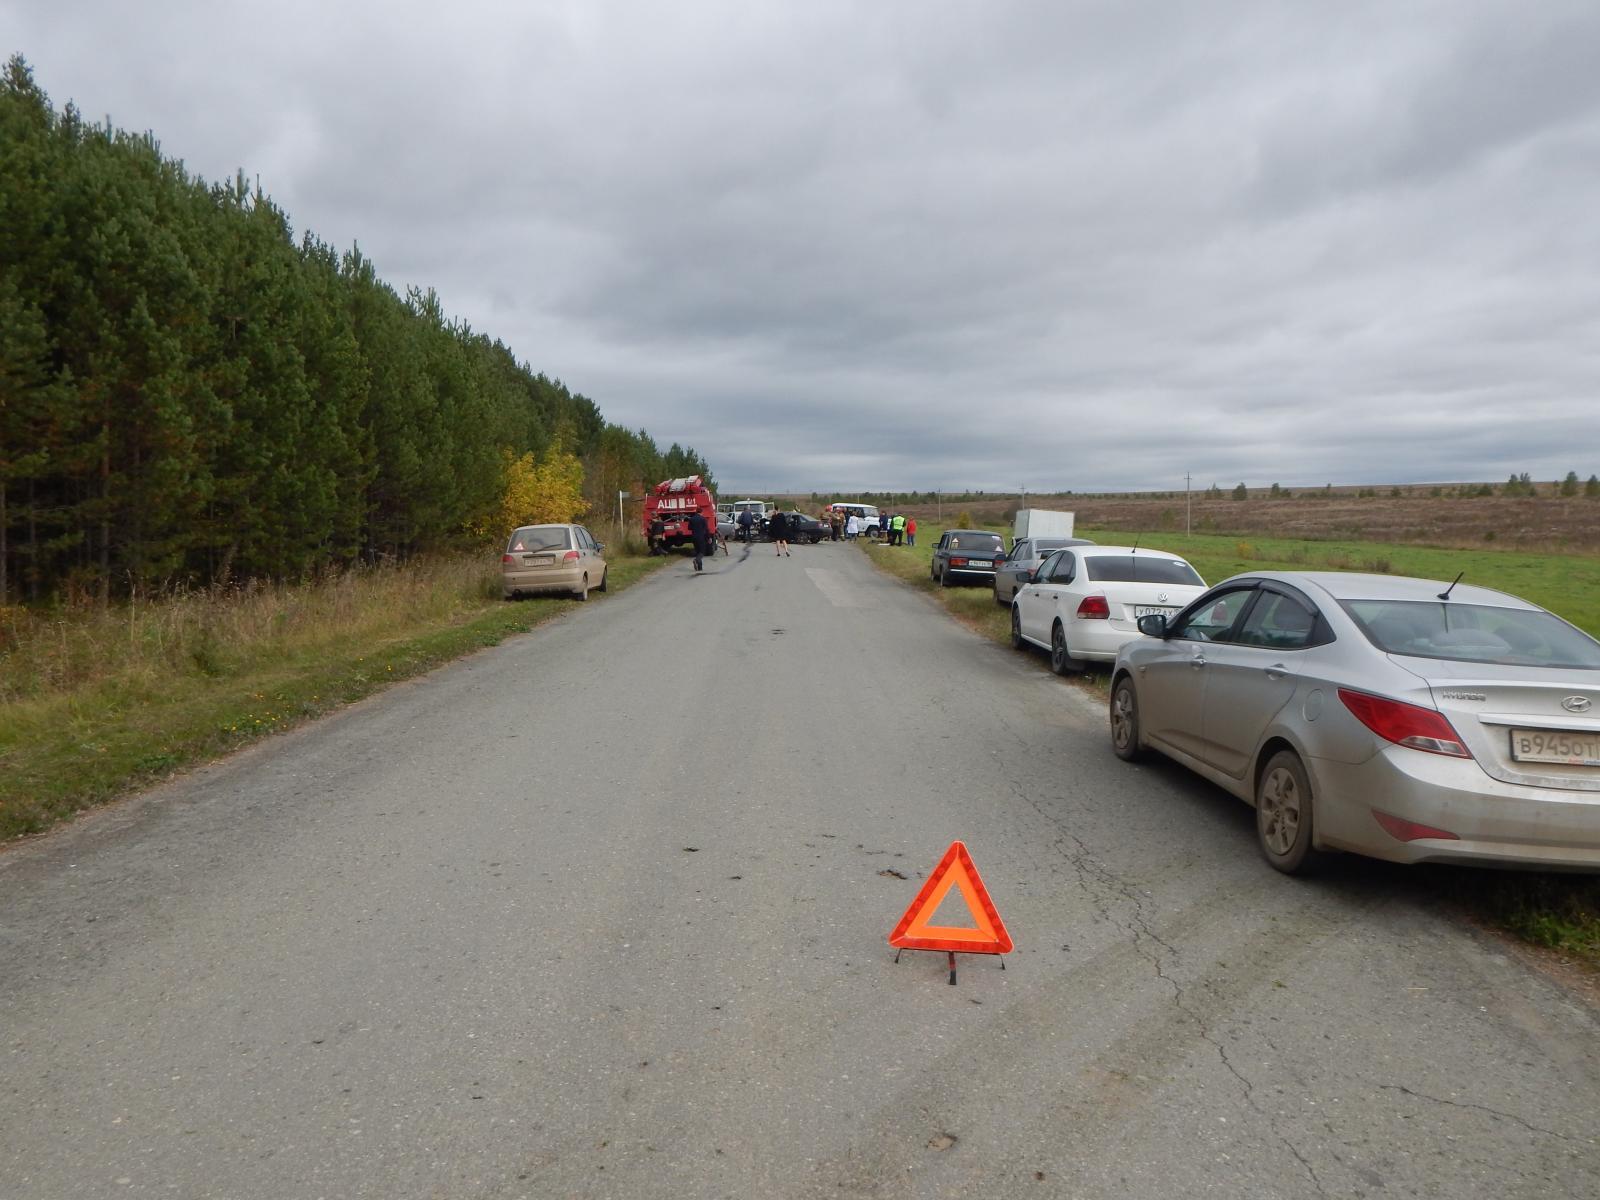 Насвердловской трассе столкнулись «Нексия» иФАВ: два человека погибли